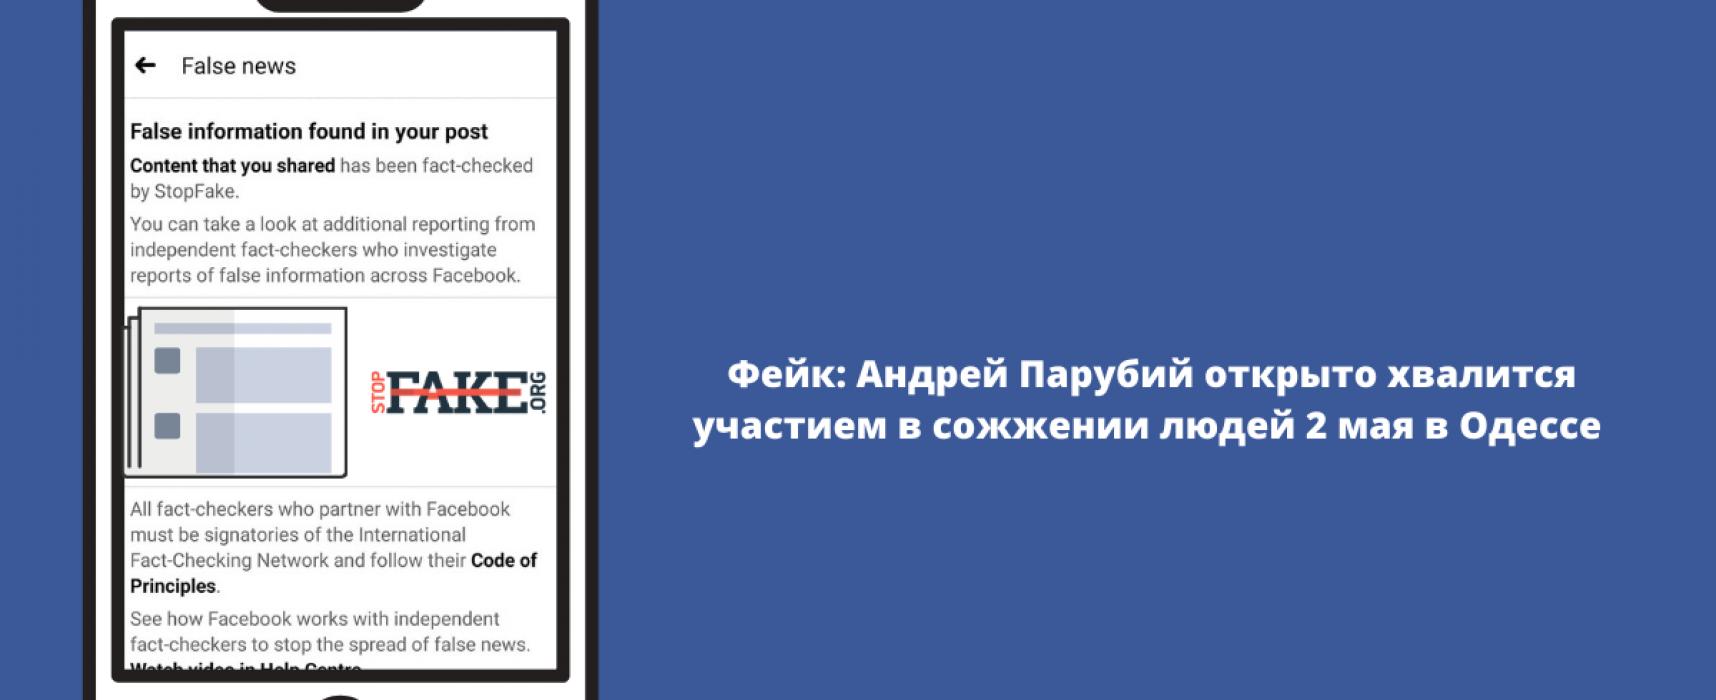 Фейк: Андрей Парубий открыто хвалится участием в сожжении людей 2 мая в Одессе